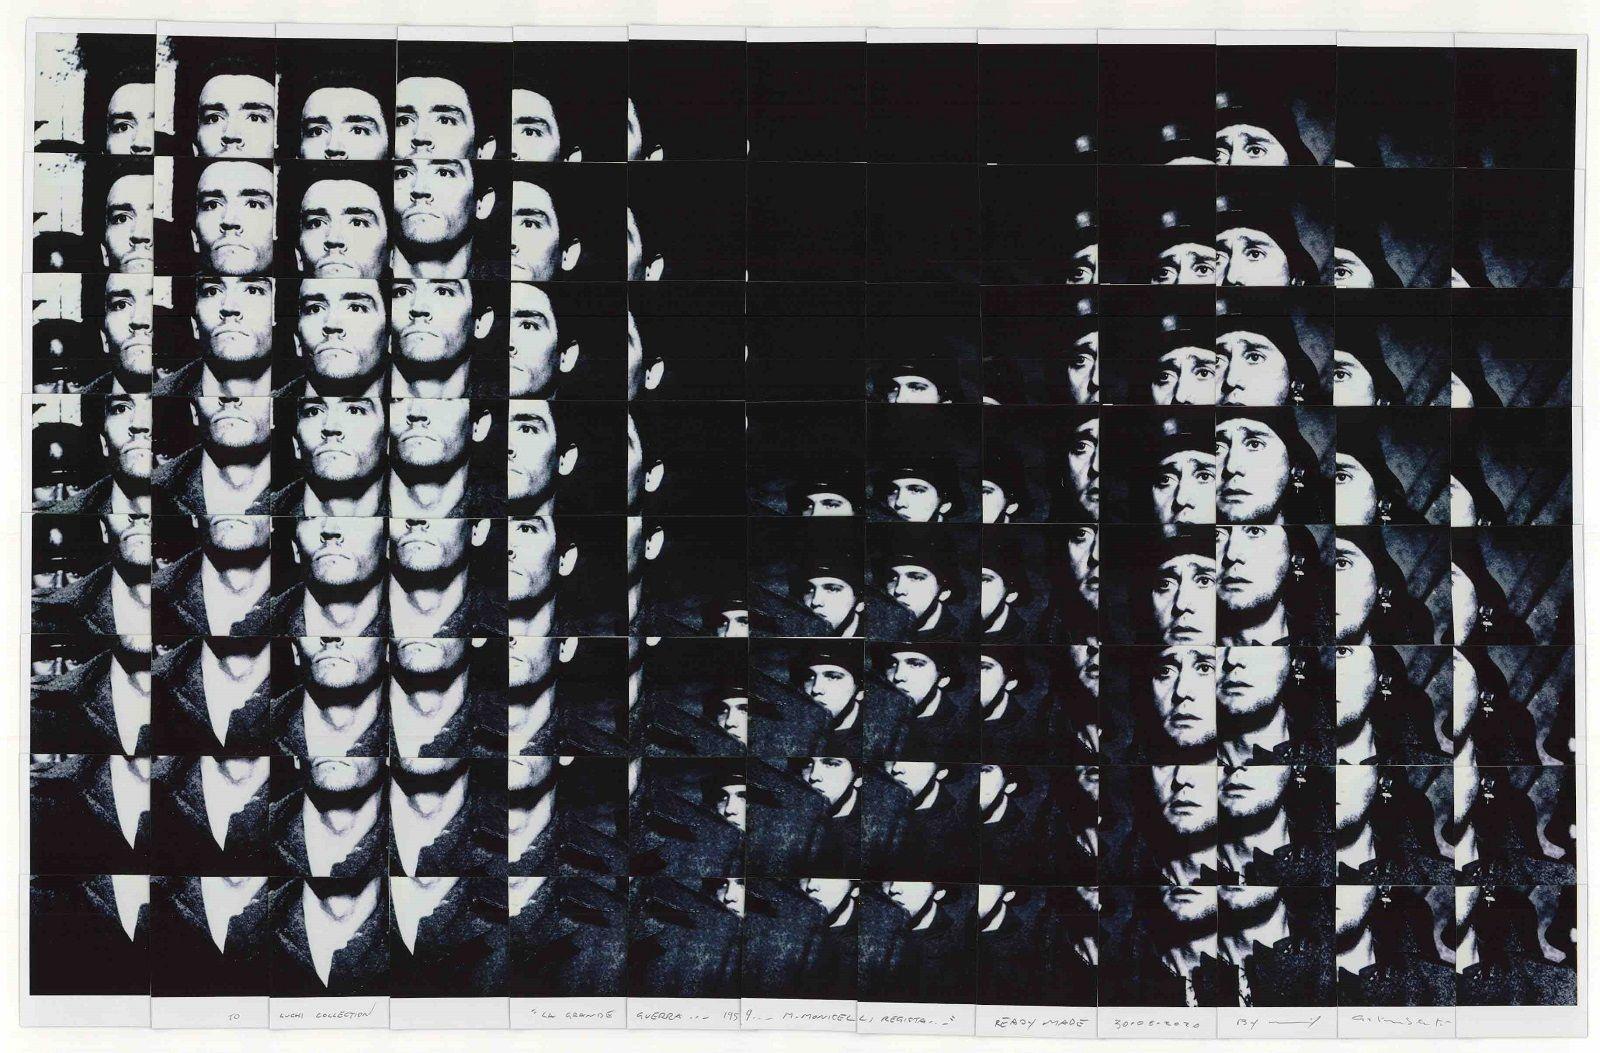 La grande guerra 1959 regia Monicelli © 2020 Maurizio Galimberti